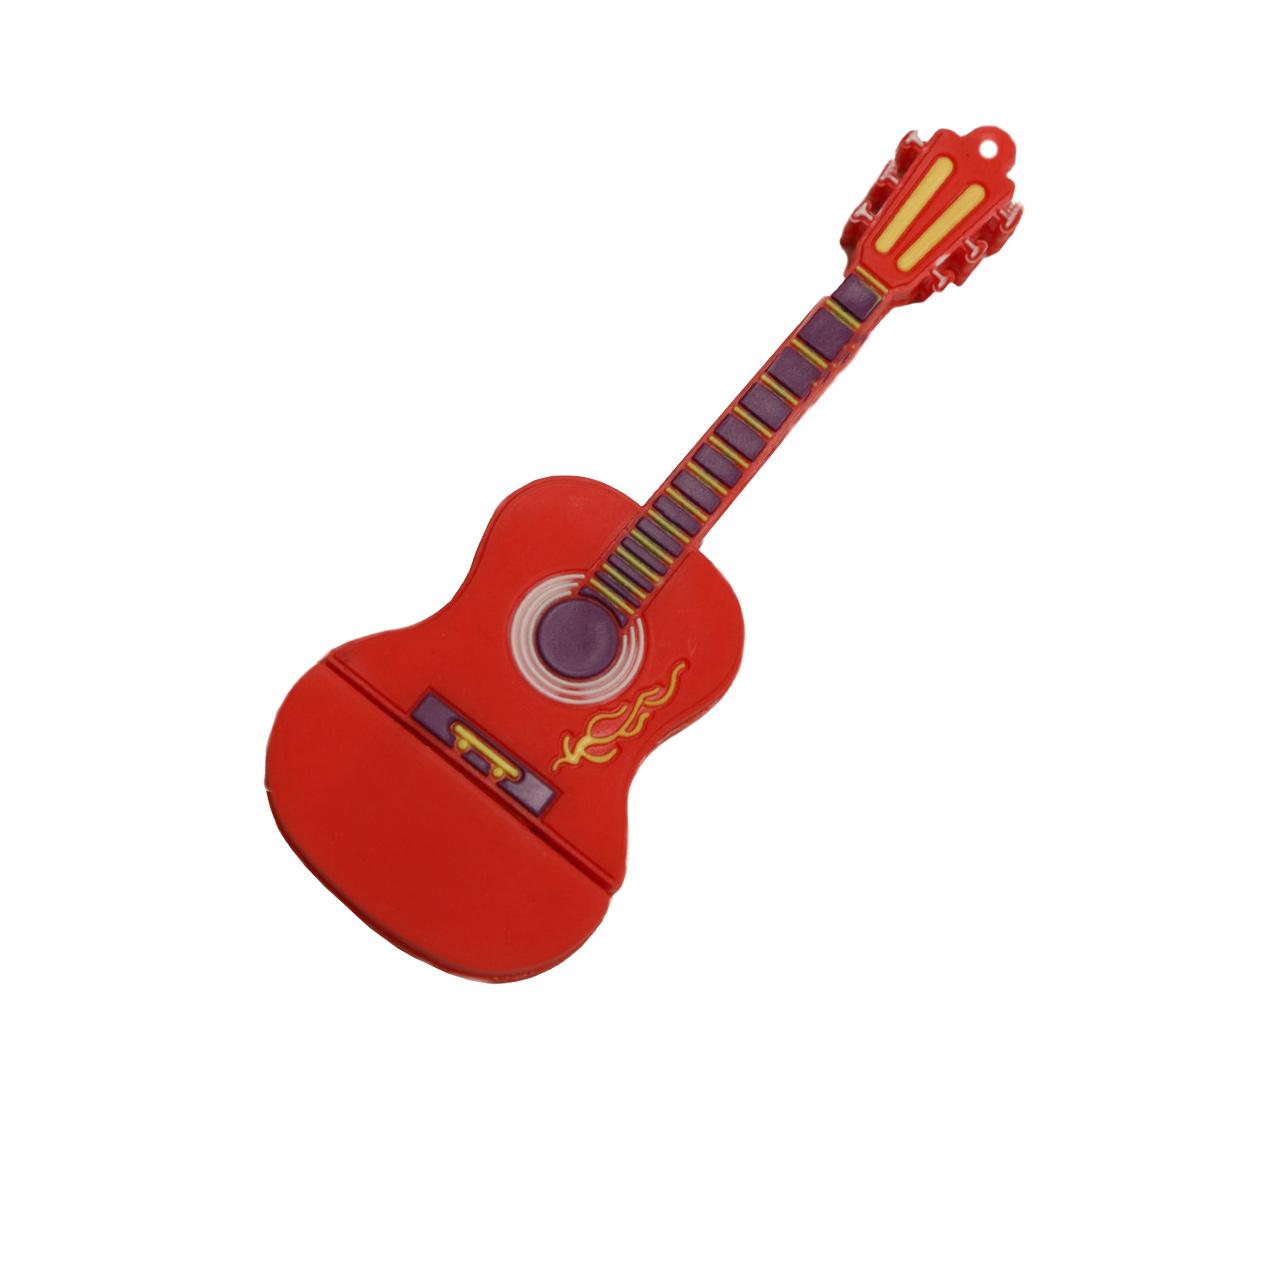 بررسی و {خرید با تخفیف} فلش مموری طرح Guitar مدل DPL1094 ظرفیت 16 گیگابایت اصل